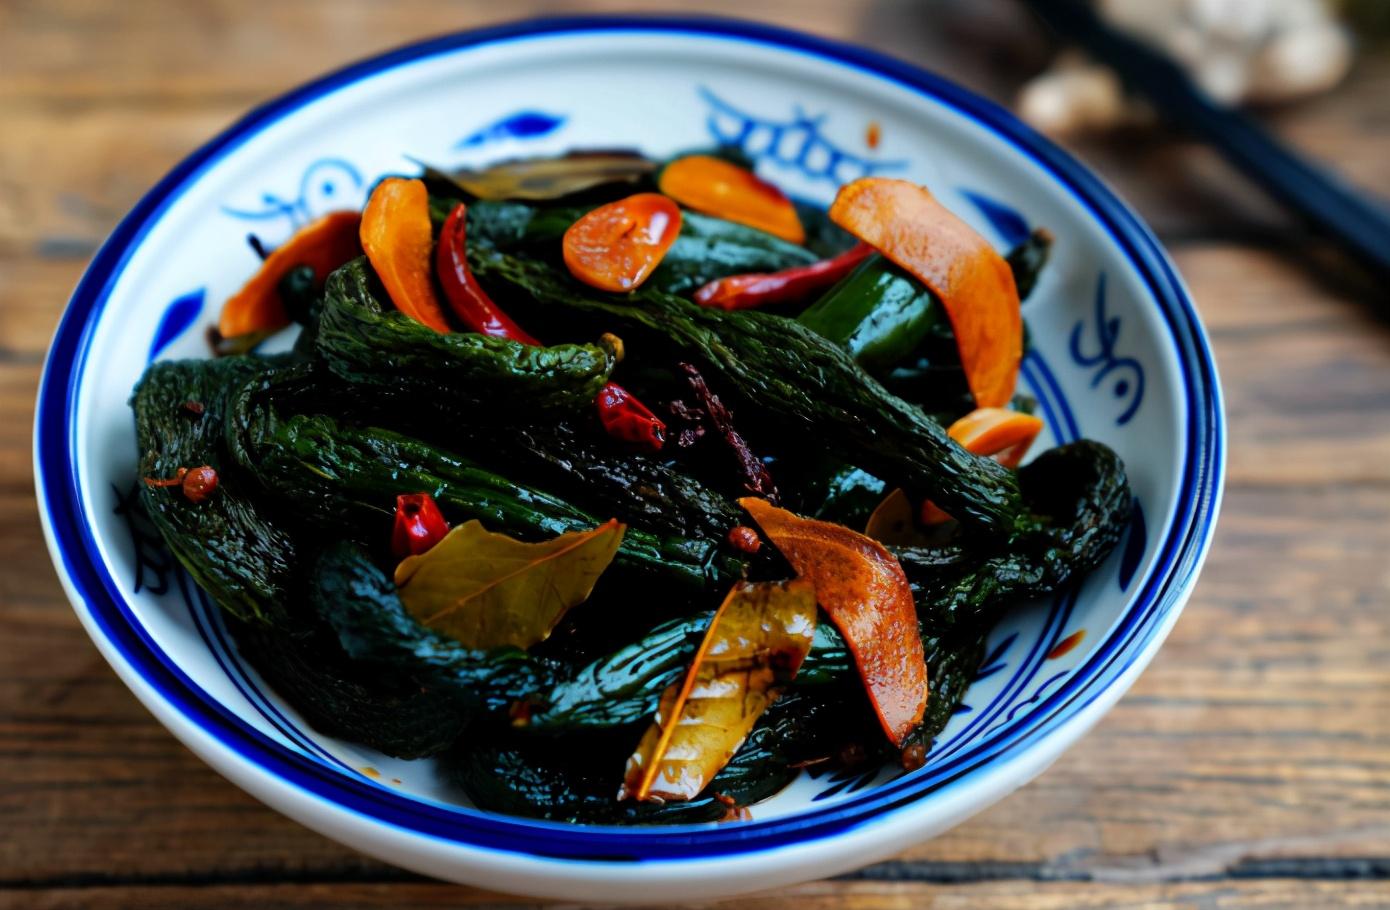 天热了,用这个方法腌黄瓜,脆嫩爽口,一次腌10斤不够吃 美食做法 第7张